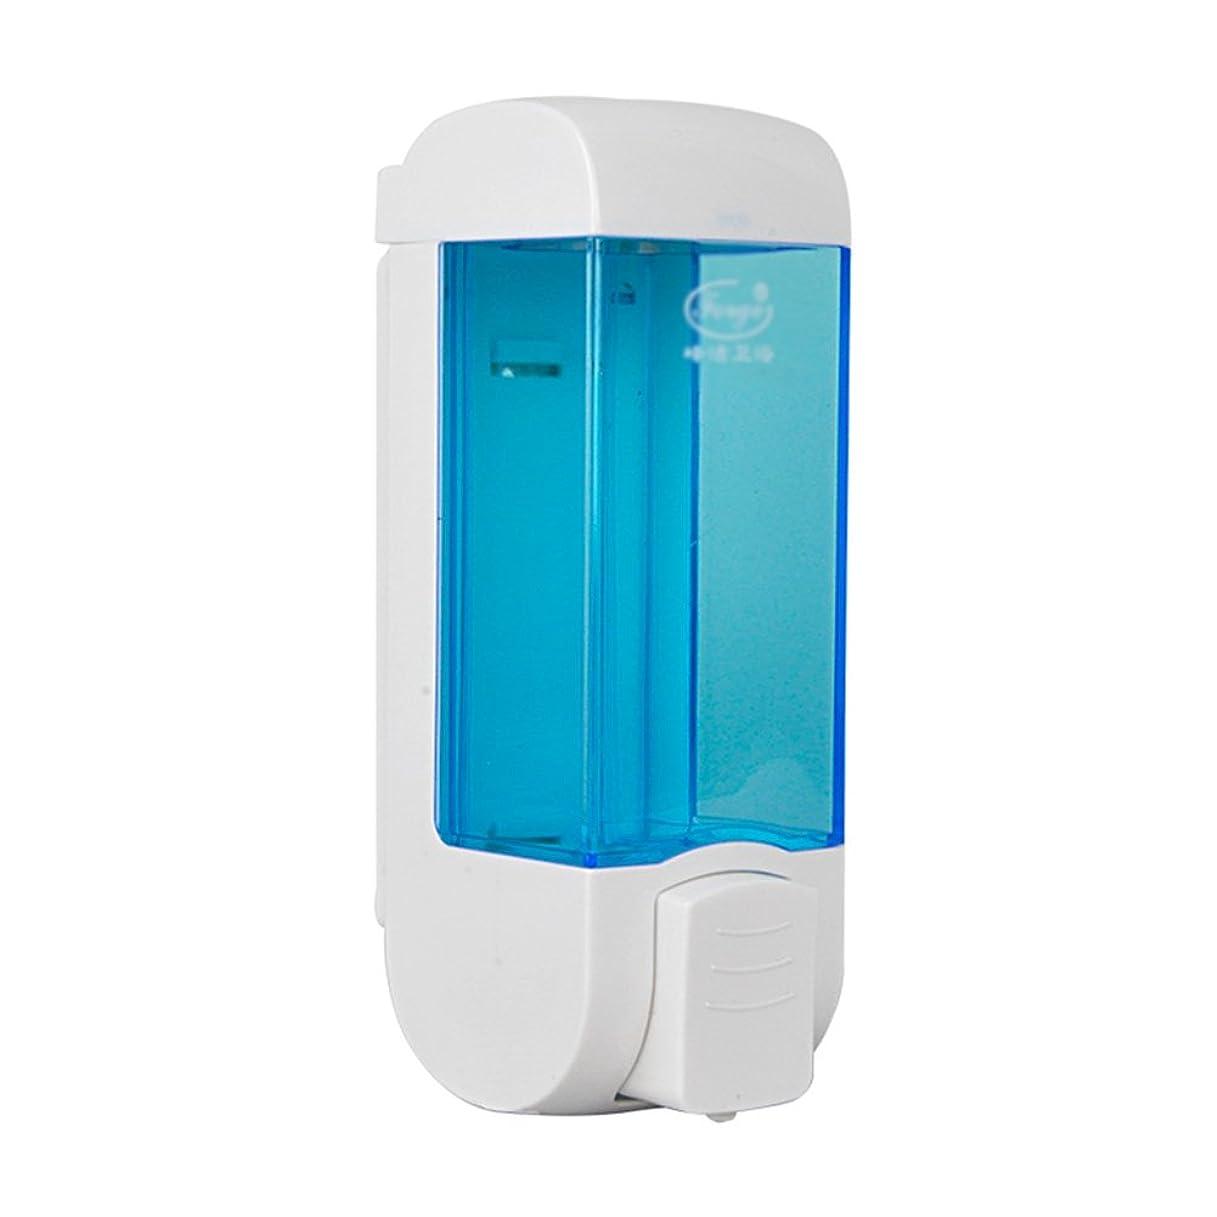 触覚処方する偉業ZEMIN ソープディスペンサー 壁掛け式 石鹸ディスペンサー 帰納的 マニュアル ポンプ 2頭 シャンプー 液体 石鹸 クリーン、 プラスチック、 青、 300ML (色 : 1)